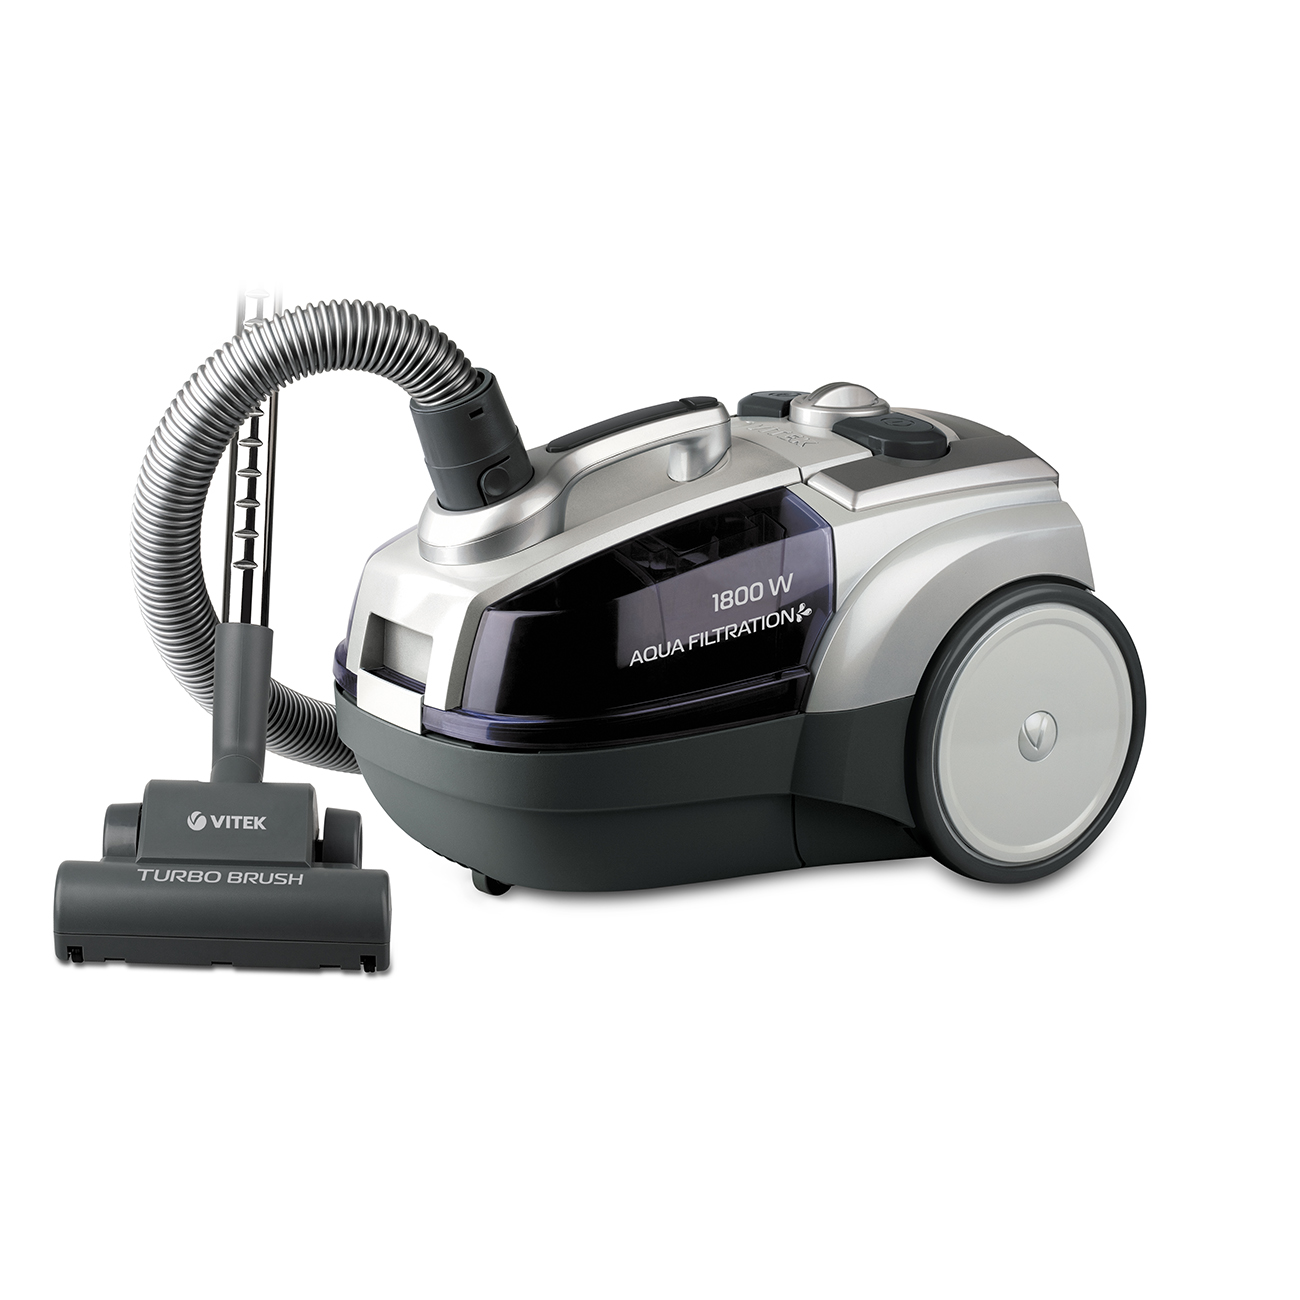 Electric vacuum cleaner Vitek VT-1833 PR пылесос с водяным фильтром vitek vt 1833 pr